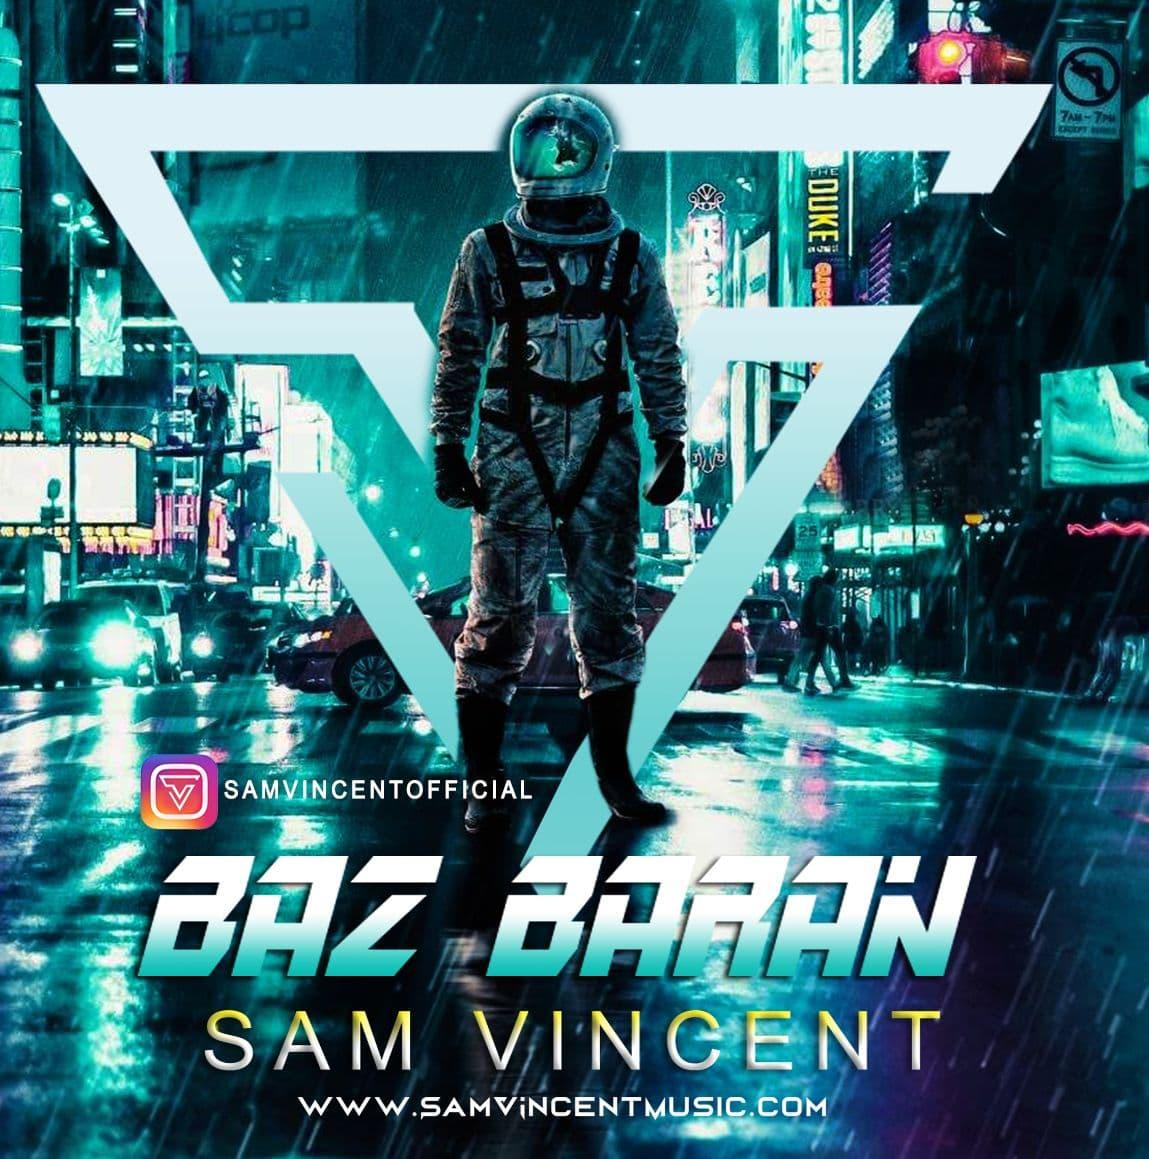 Sam Vincent – Baz Baran